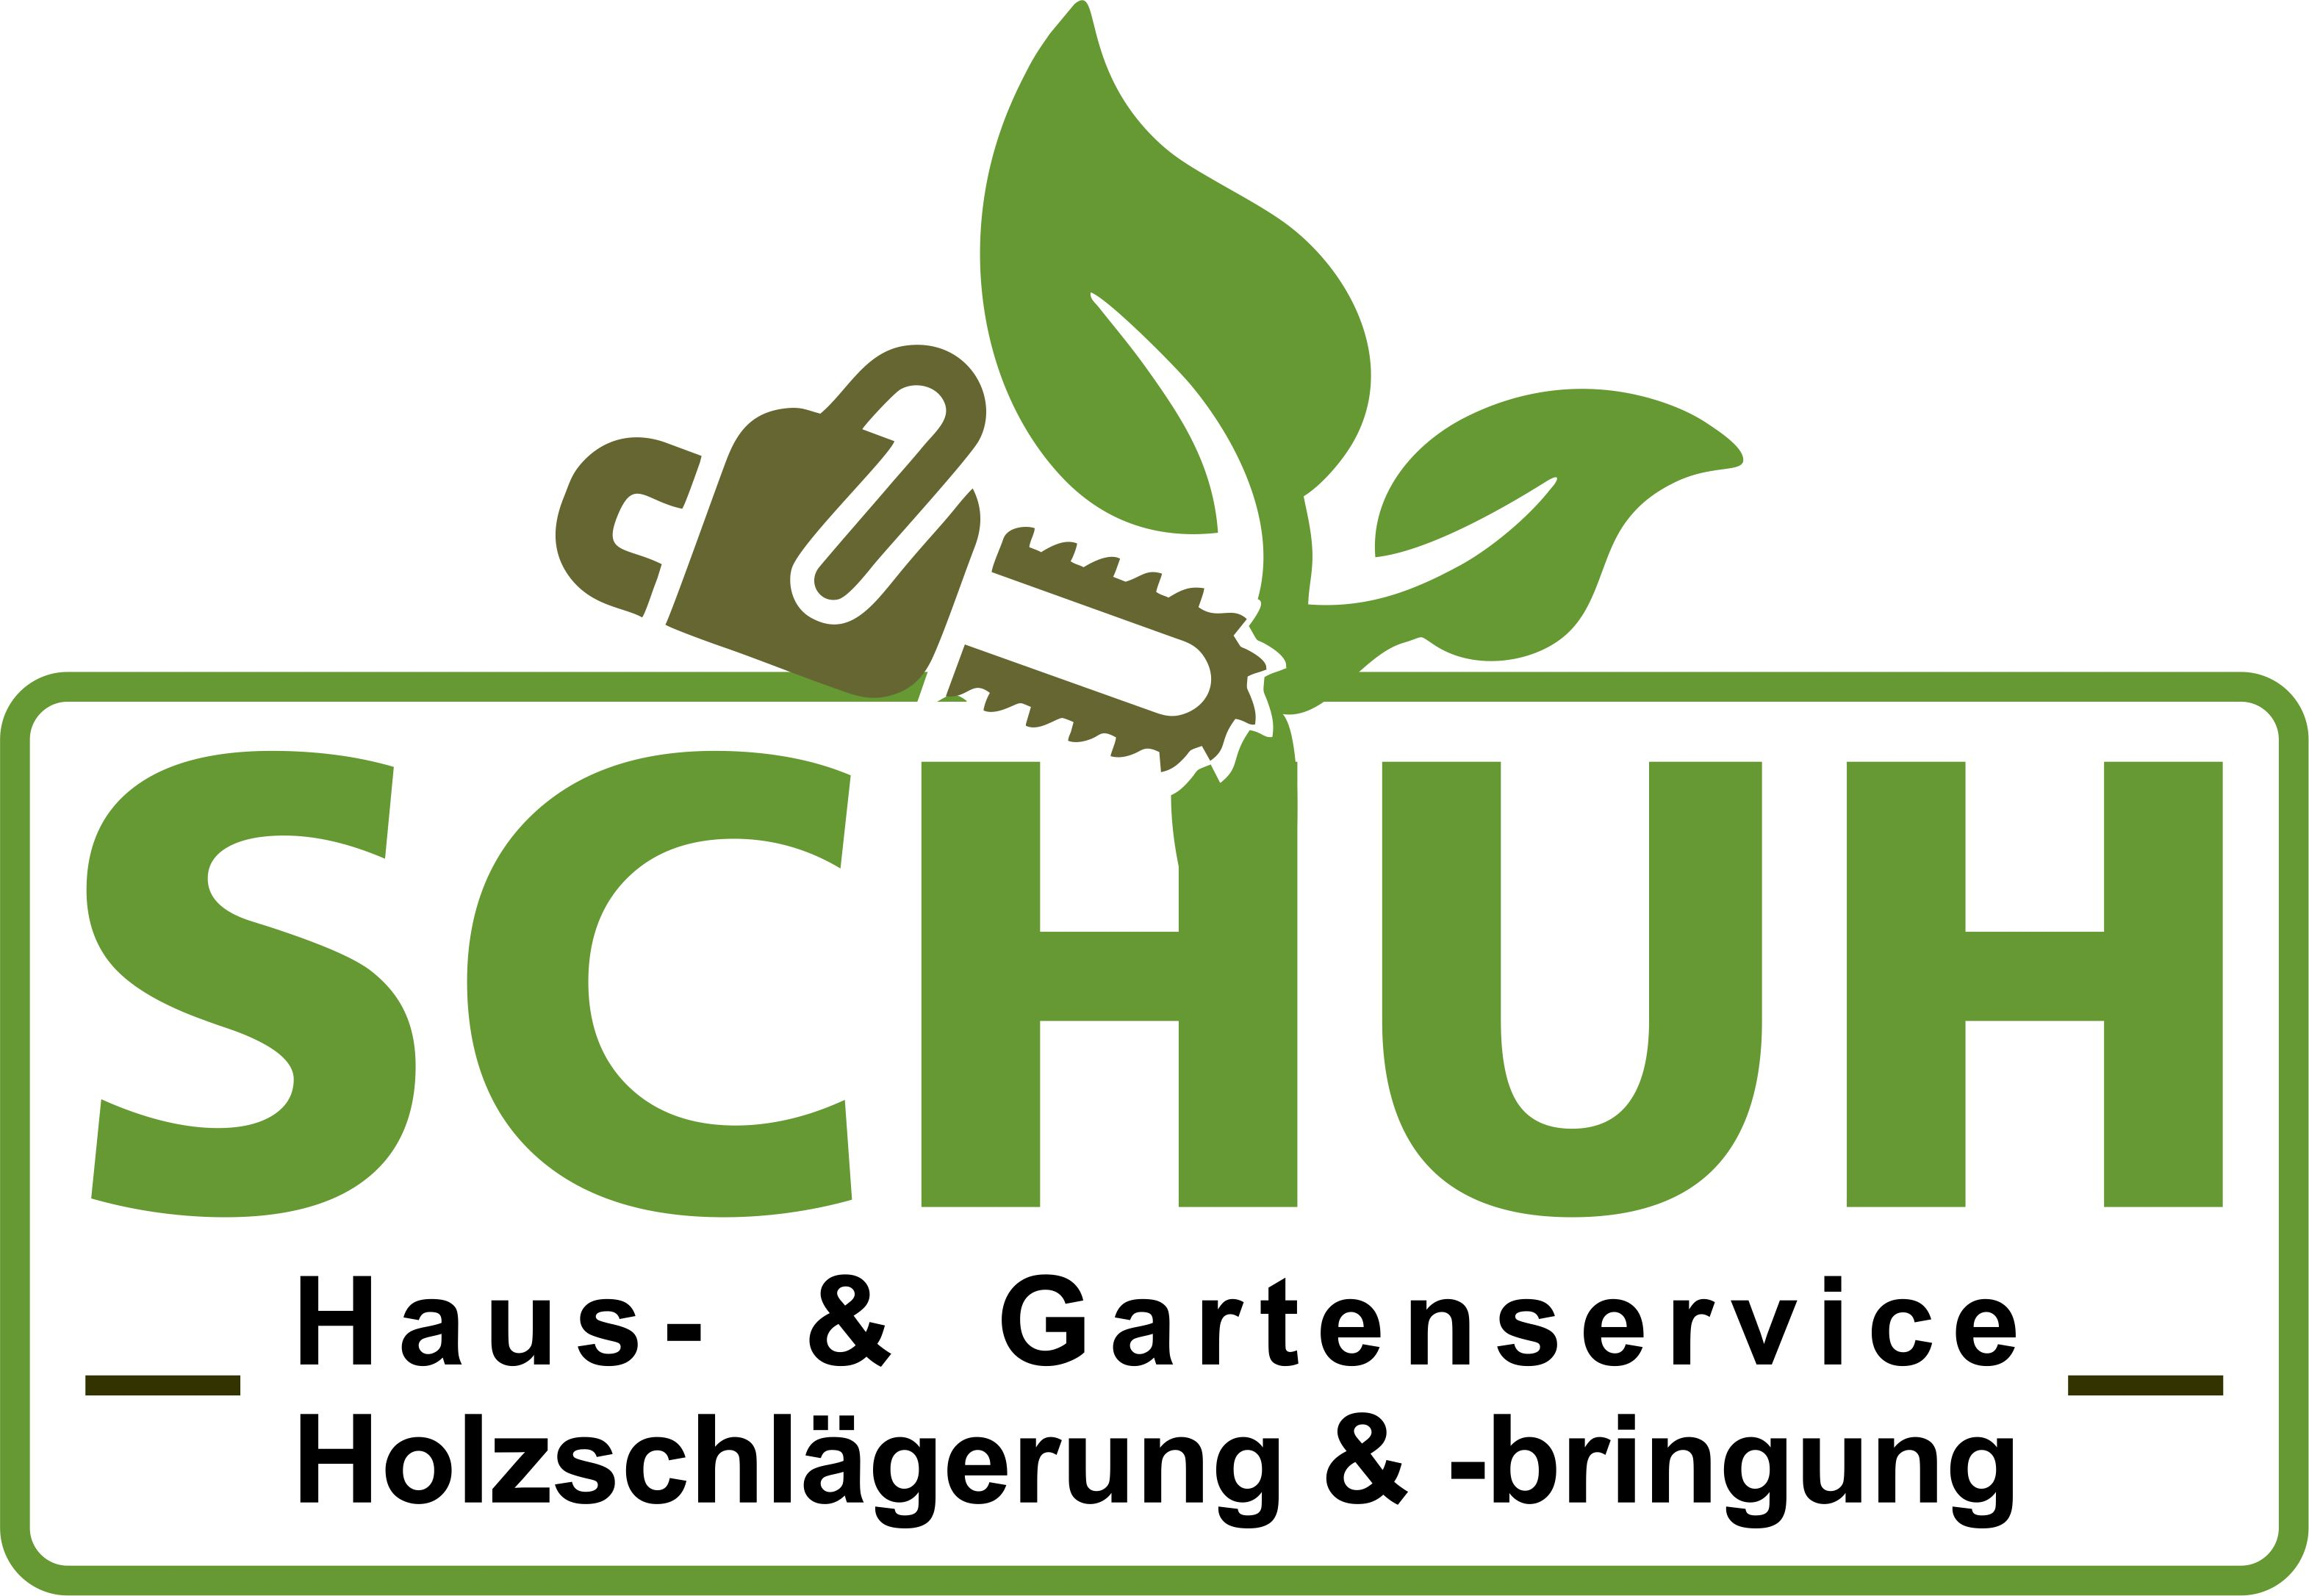 Schuh Thomas Haus- & Gartenservice